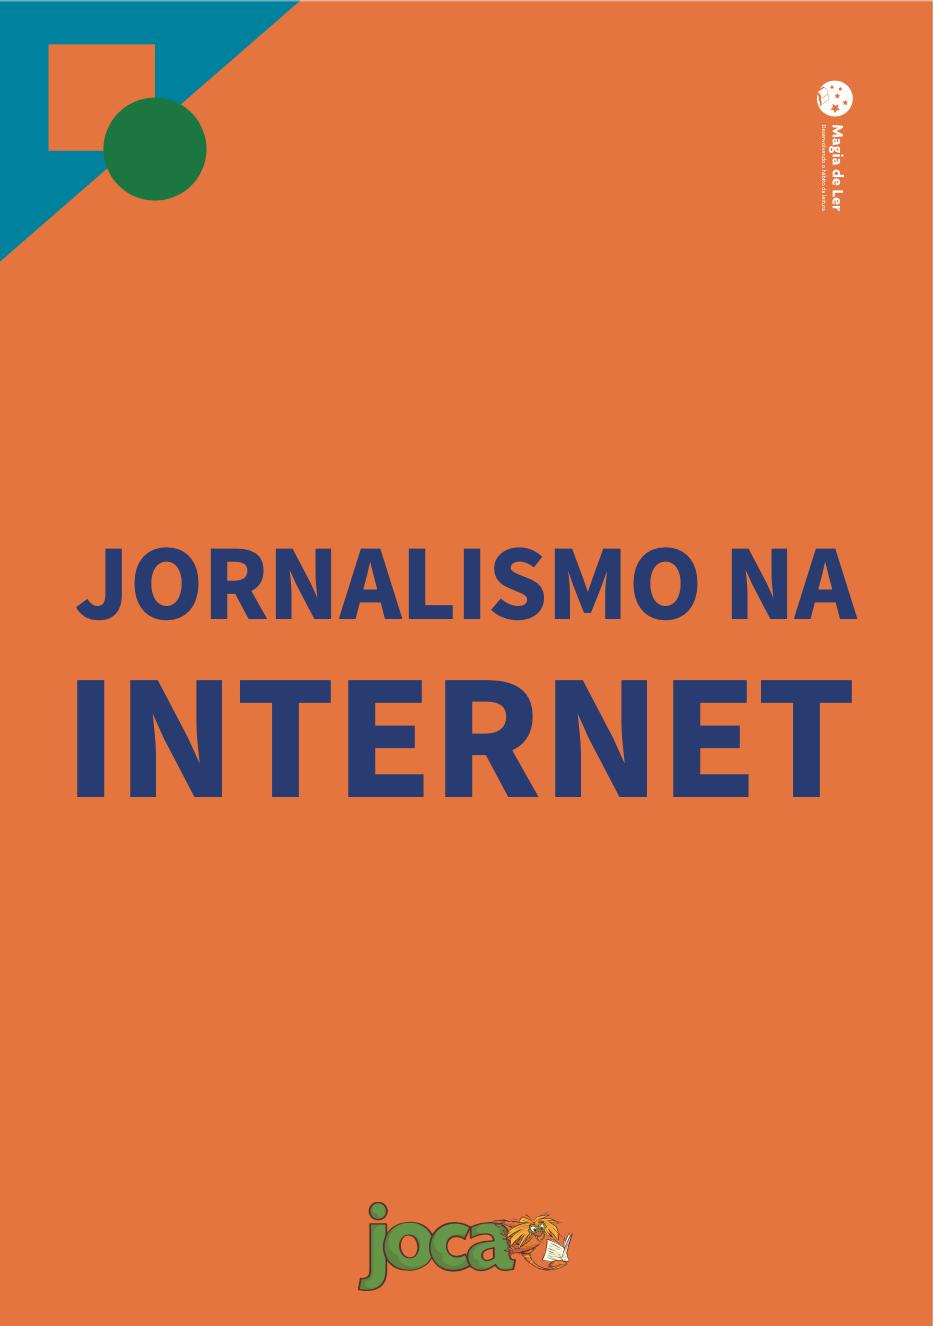 eixo jornalismo e informação, aula 1: jornalismo na internet